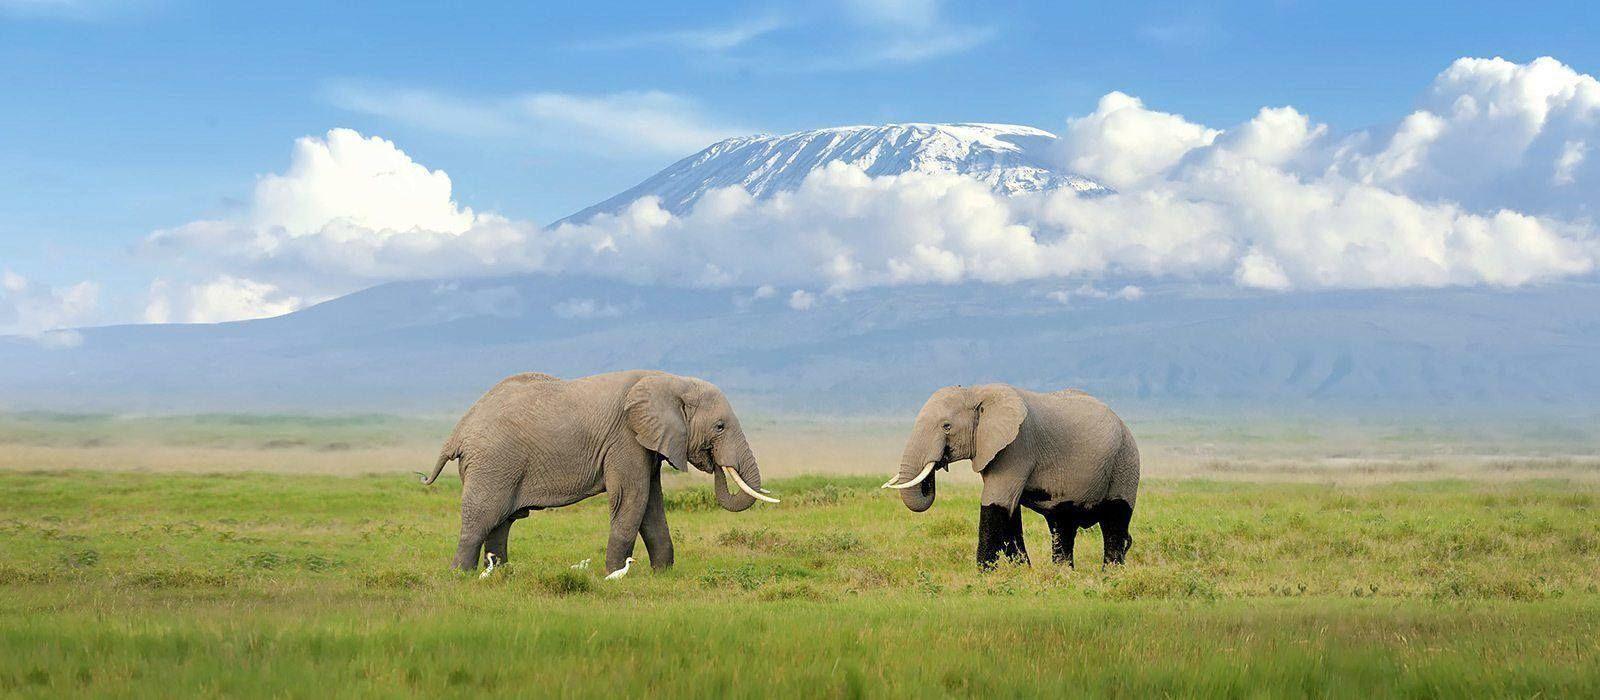 Tanzania: From Kilimanjaro to Zanzibar Tour Trip 1